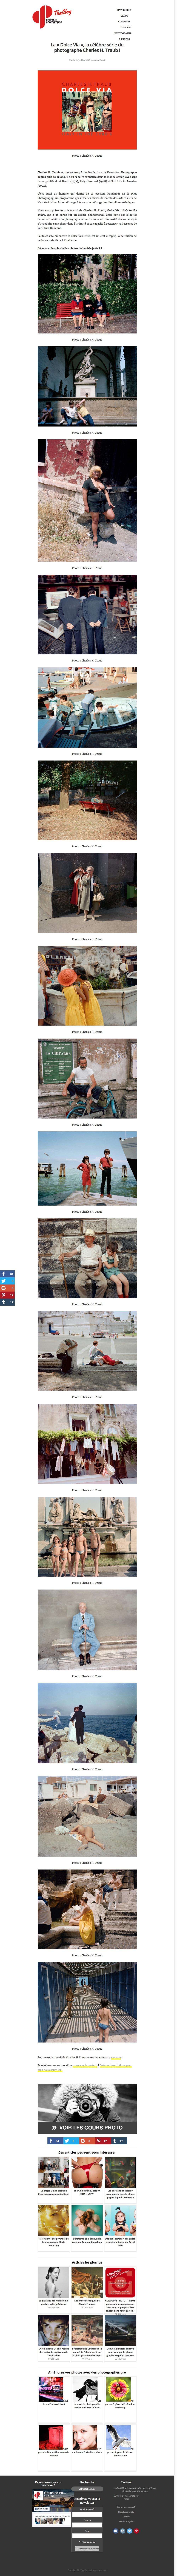 20161130 Dolce Via - Grain DePhotographe %22La Dolce Via%22 la célèbre série du photographe Charles H. Traub | Graine de Photographe The Blog (2017-08-29 13-47-11).jpg